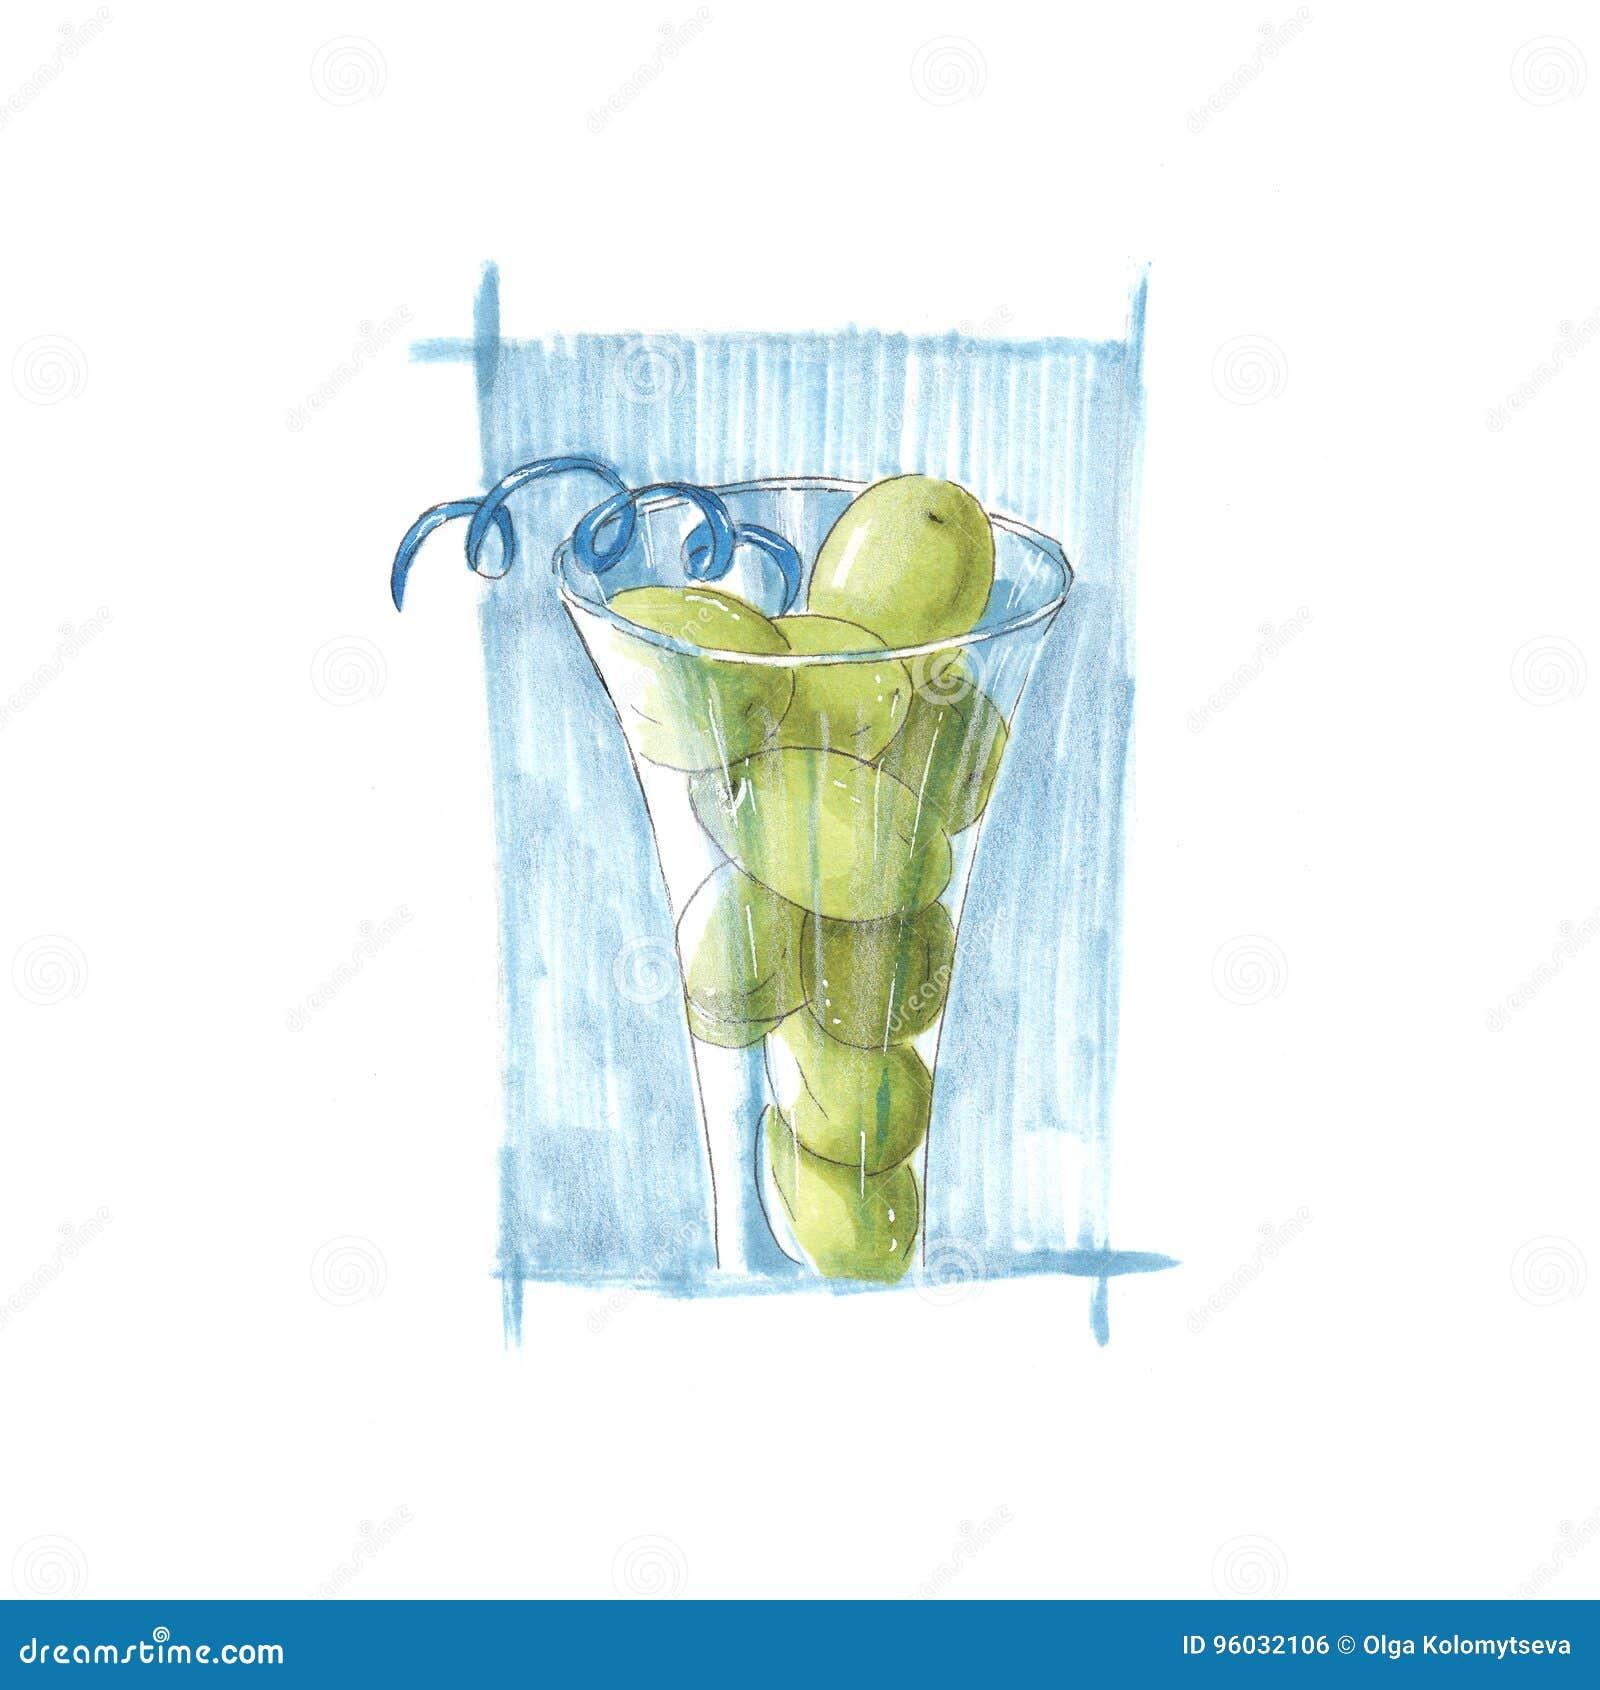 Handmade markier rysująca ilustracja winogrona w szkle